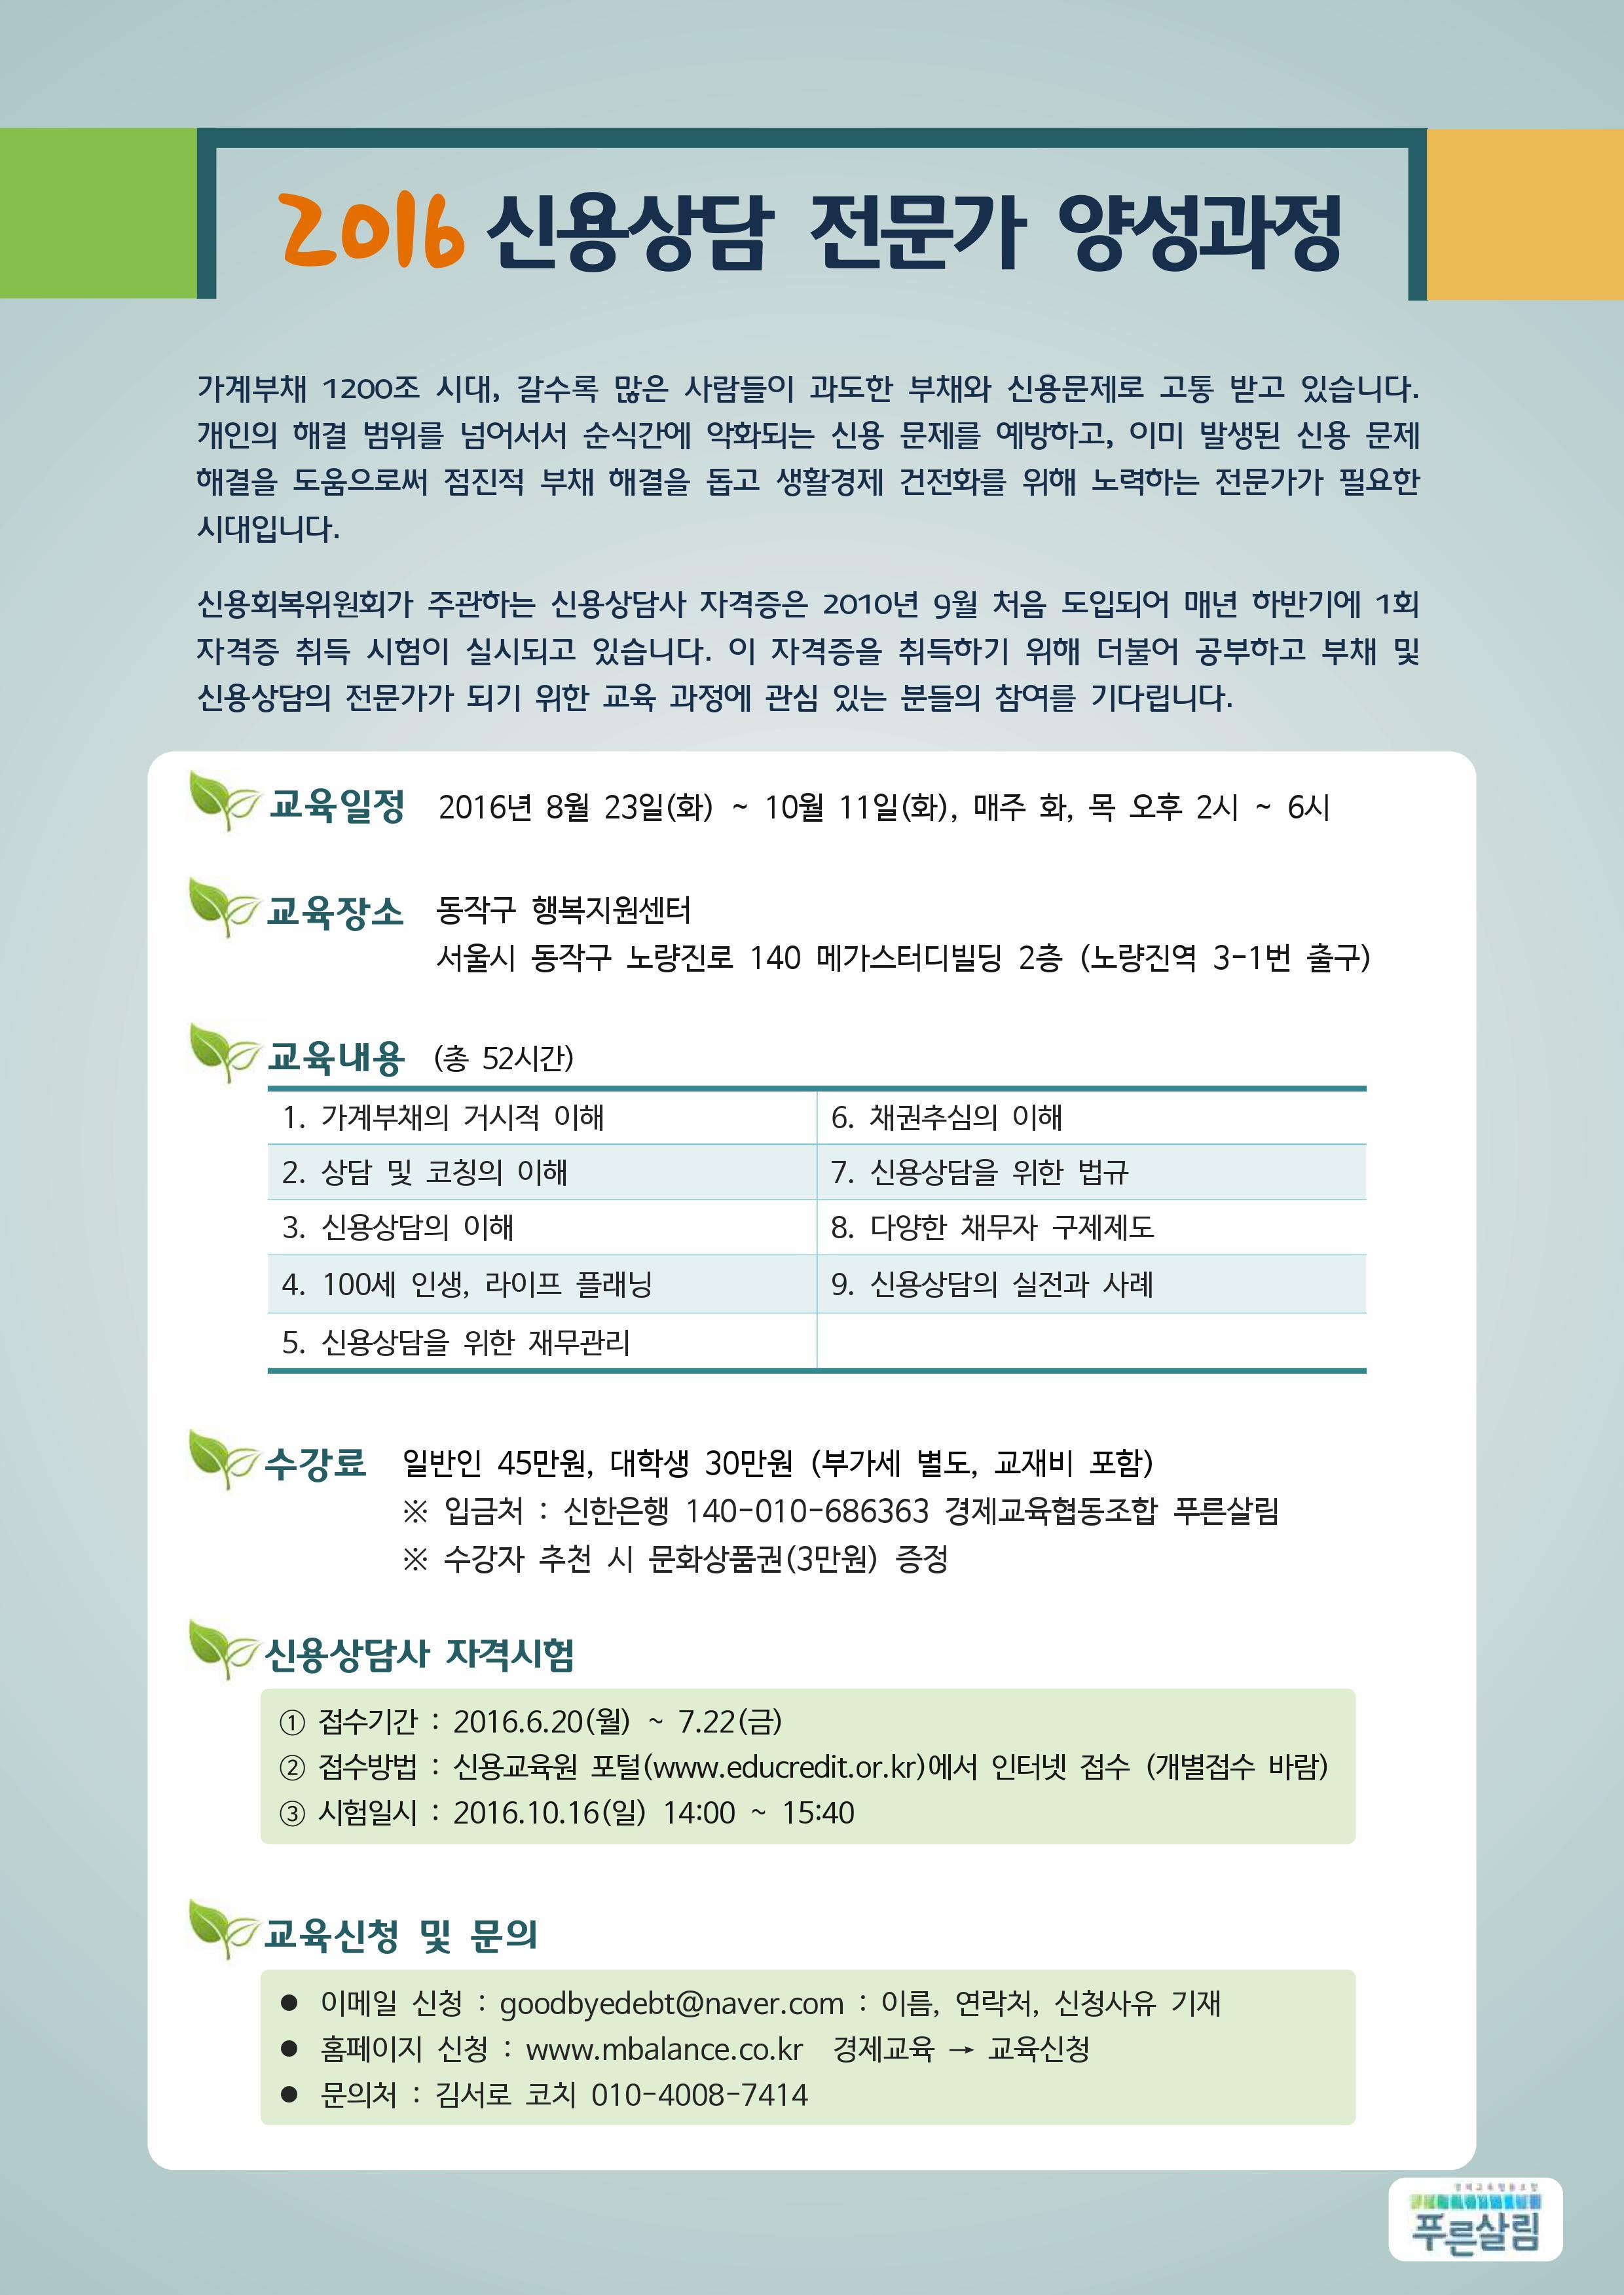 2016 신용상담사 양성과정.jpg